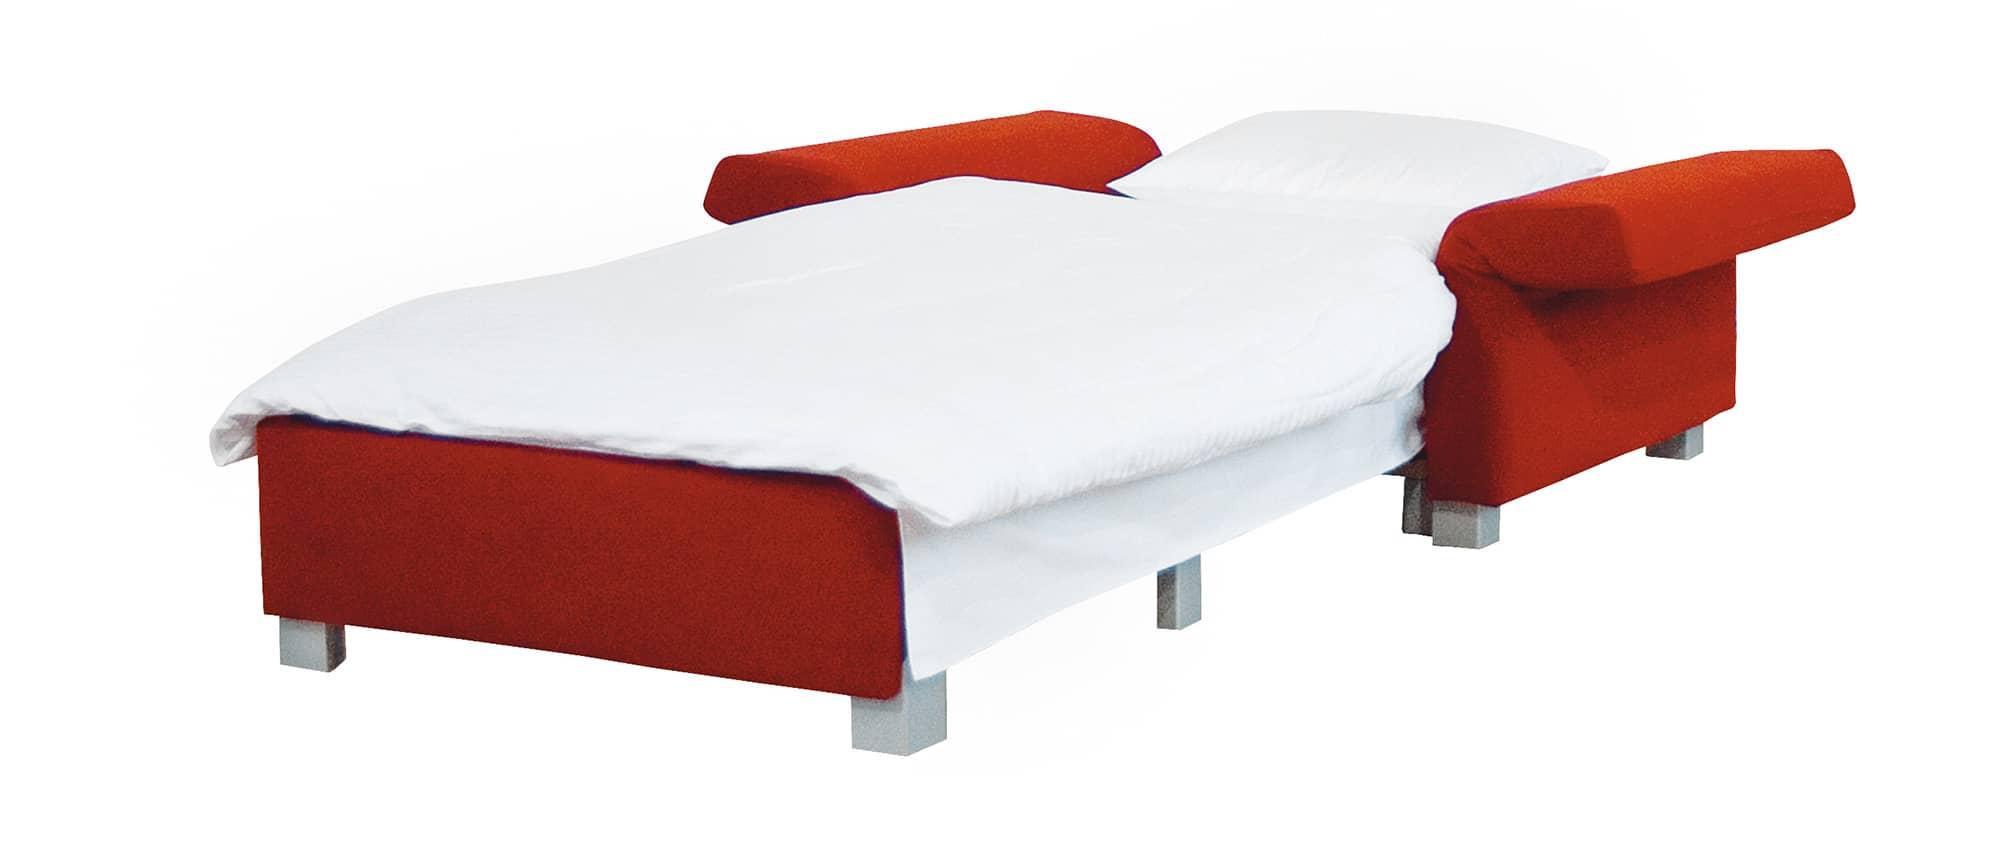 MINNIE Schlafsessel von Franz Fertig - Liegefläche ca. 75x200 cm. Platzsparender Schlafsessel. Sessel mit Schlaffunktion. Sessel rot mit Klappbaren Armlehnen